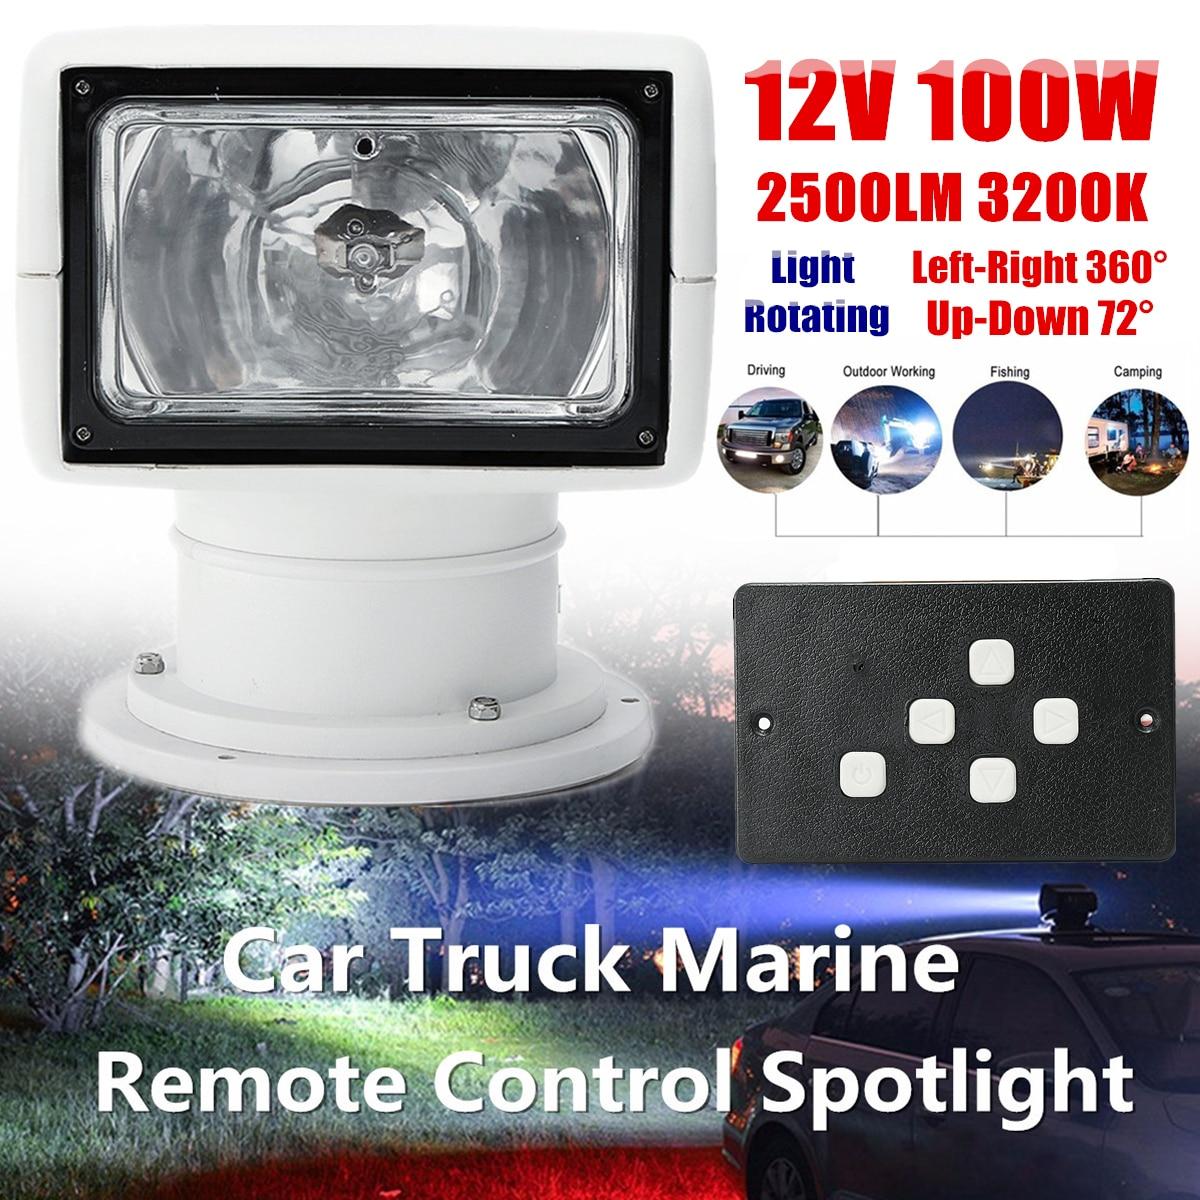 12 v 100 w 2500LM Bateau Camion Voiture Projecteur 3200 k PC + Aluminium Projecteur Marin Ampoule Télécommande multi-angles Blanc